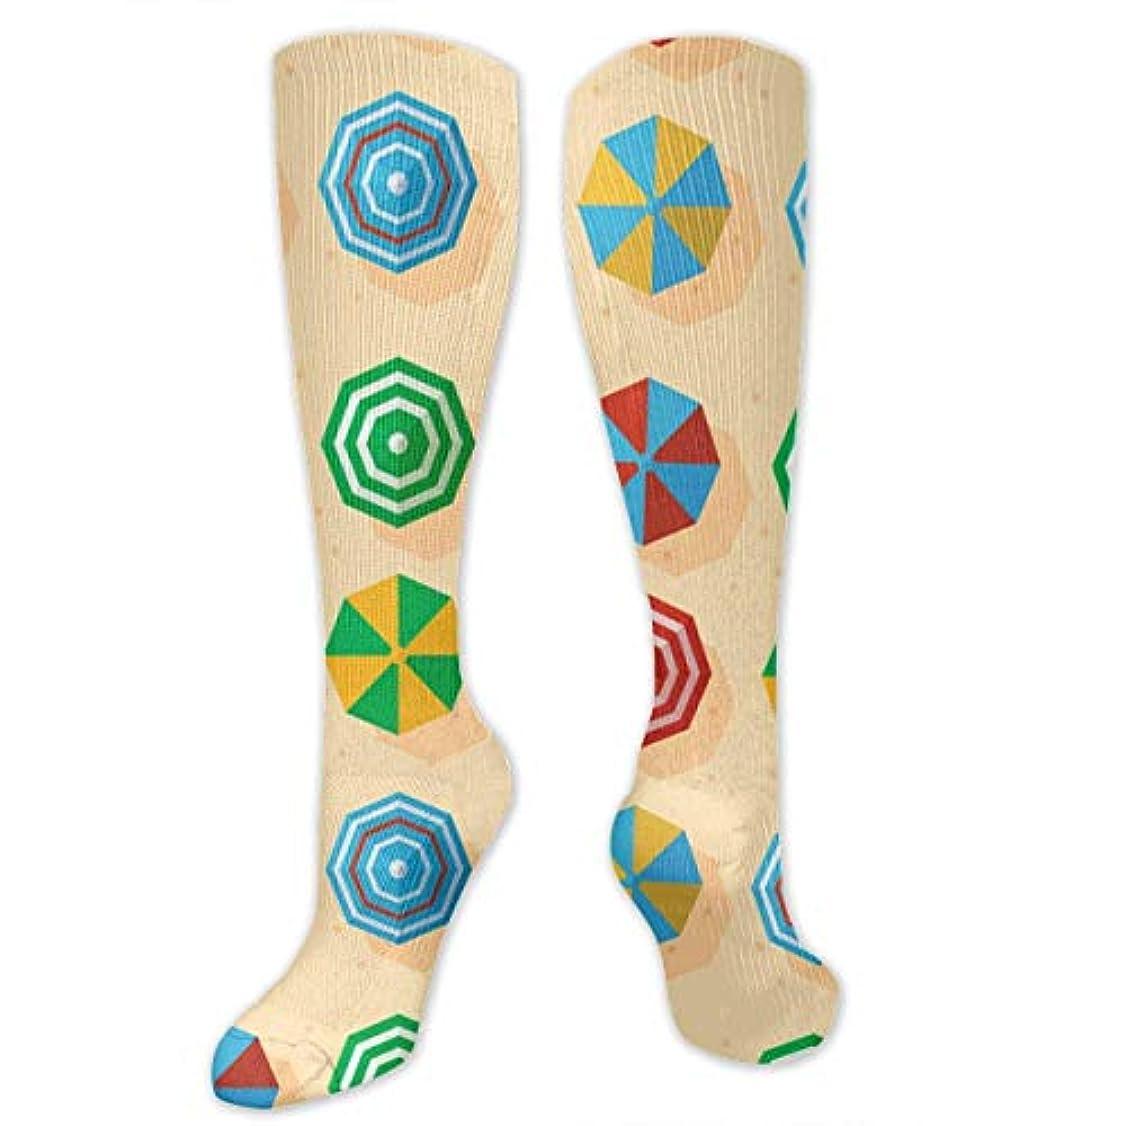 掃く祖母アンケート靴下,ストッキング,野生のジョーカー,実際,秋の本質,冬必須,サマーウェア&RBXAA Summer Vacation Socks Women's Winter Cotton Long Tube Socks Cotton...